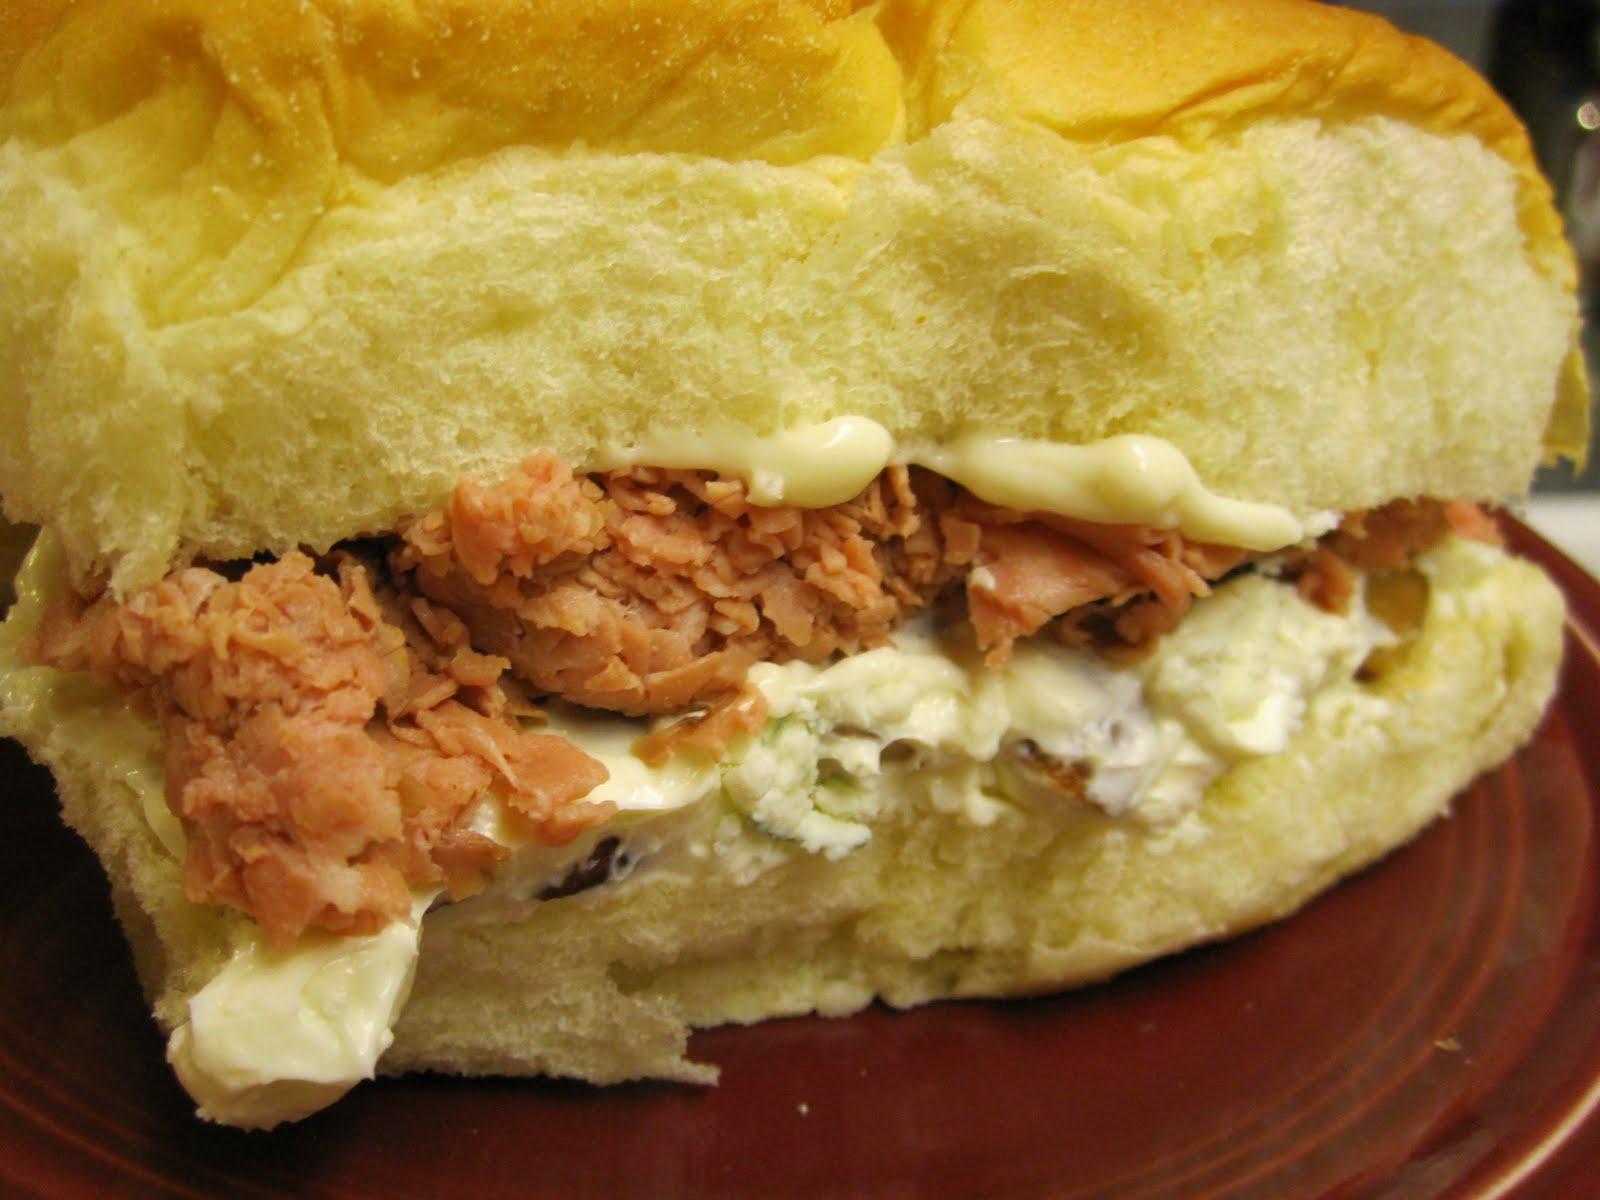 Snack Sandwiches